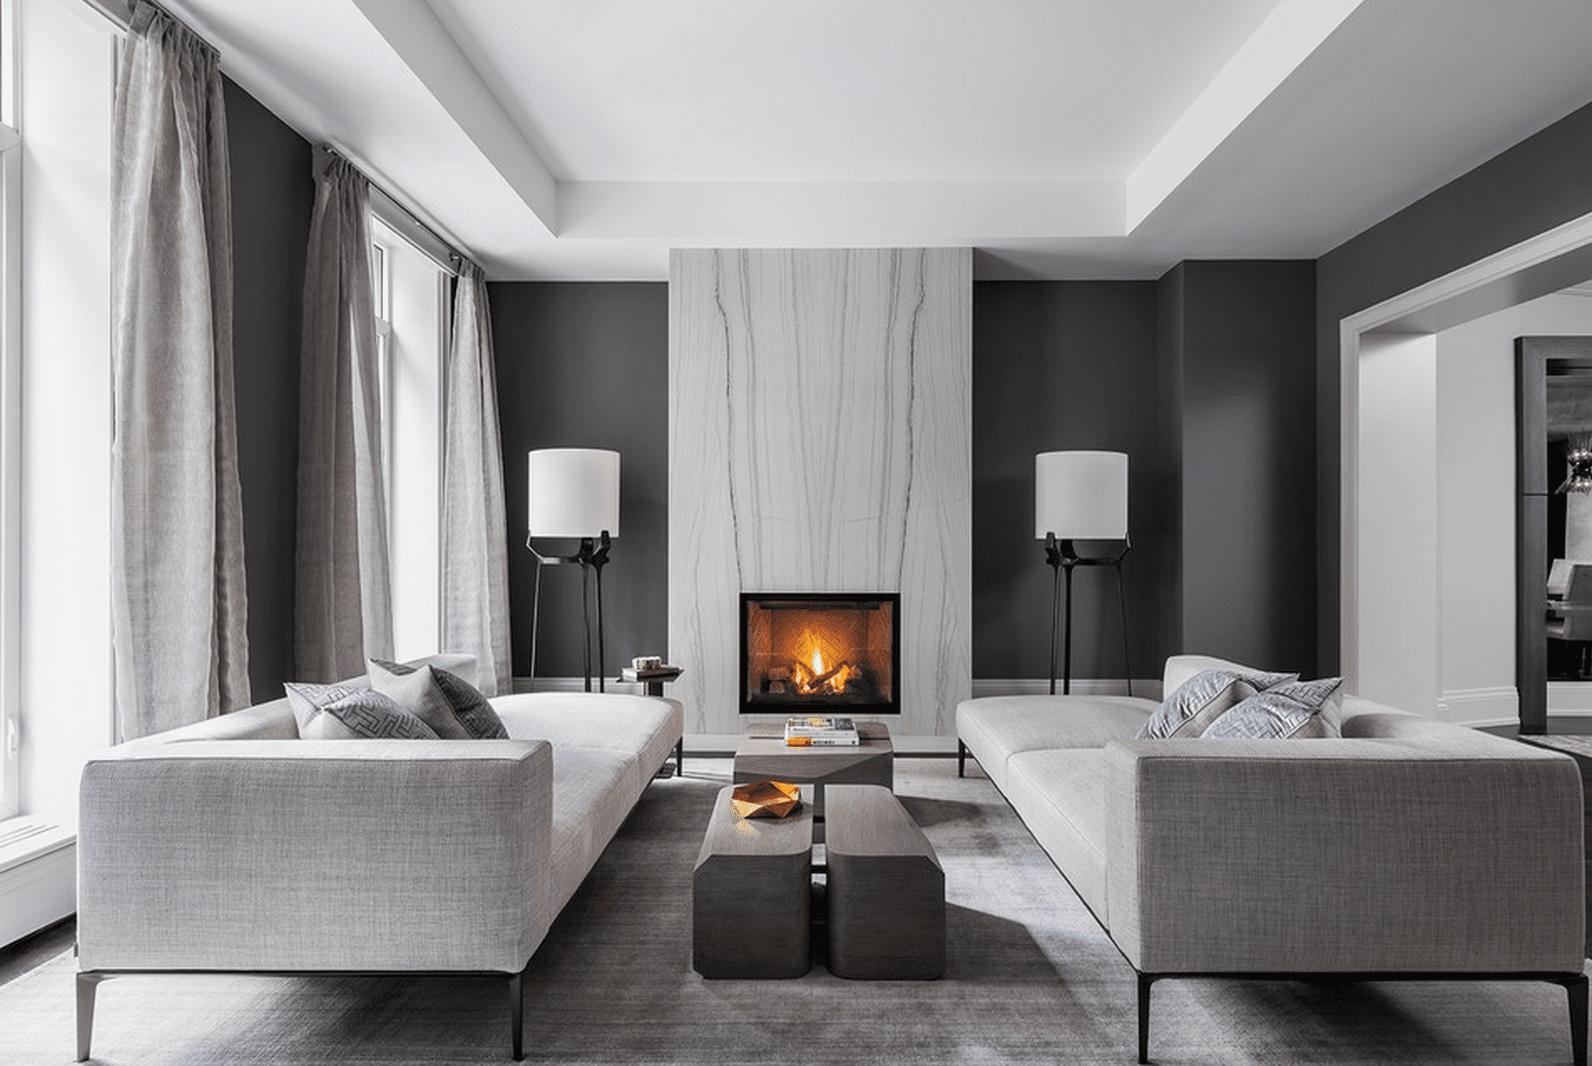 Modernt svart och grått vardagsrum